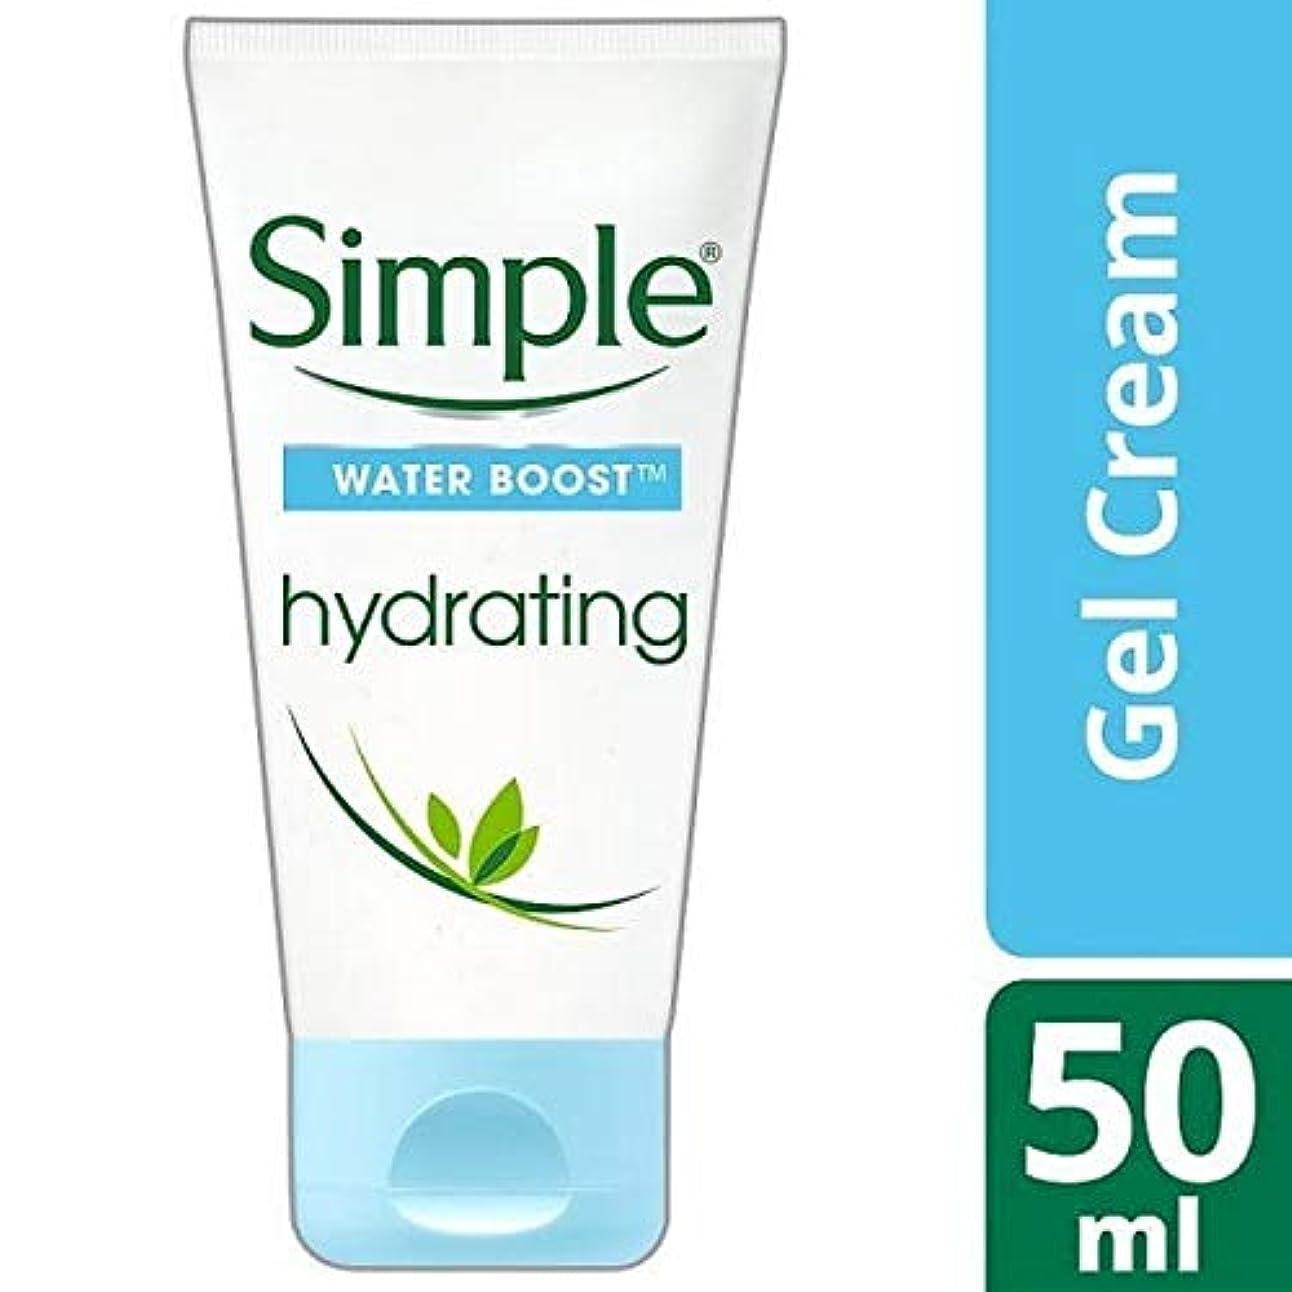 高い煩わしい辛い[Simple ] シンプルな水ブースト水和ゲルフェイスクリーム50Ml - Simple Water Boost Hydrating Gel Face Cream 50ml [並行輸入品]